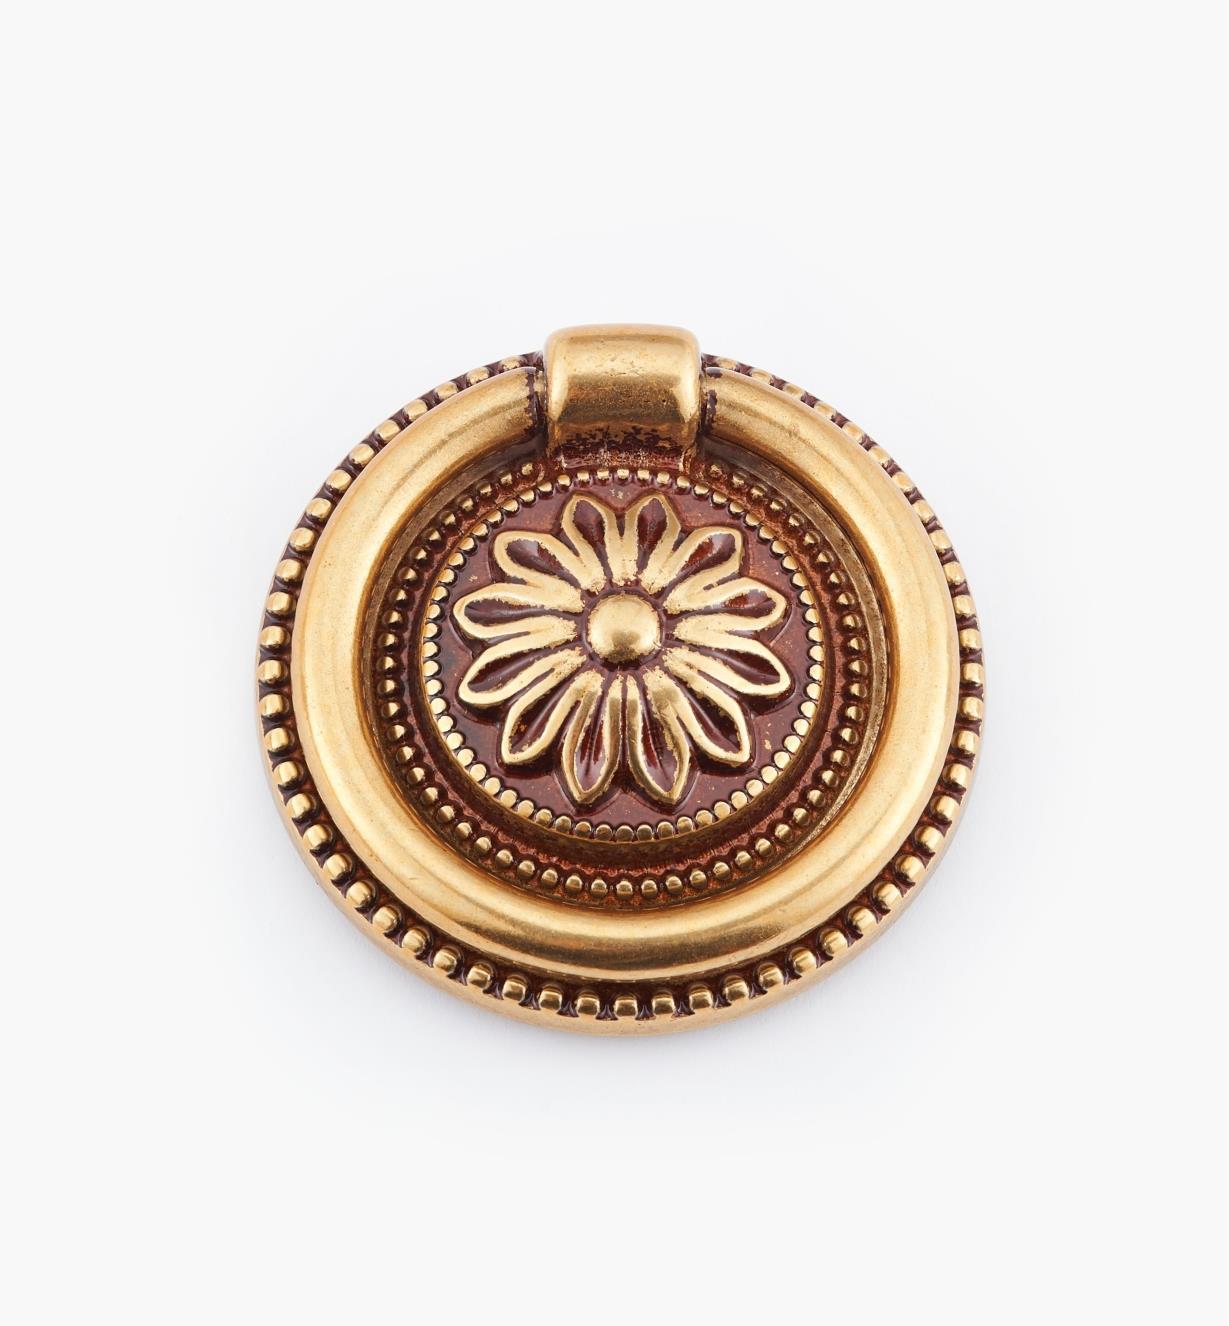 01A6462 - Poignée à anneau sur platine LouisXVI, bronze antique, 47mm